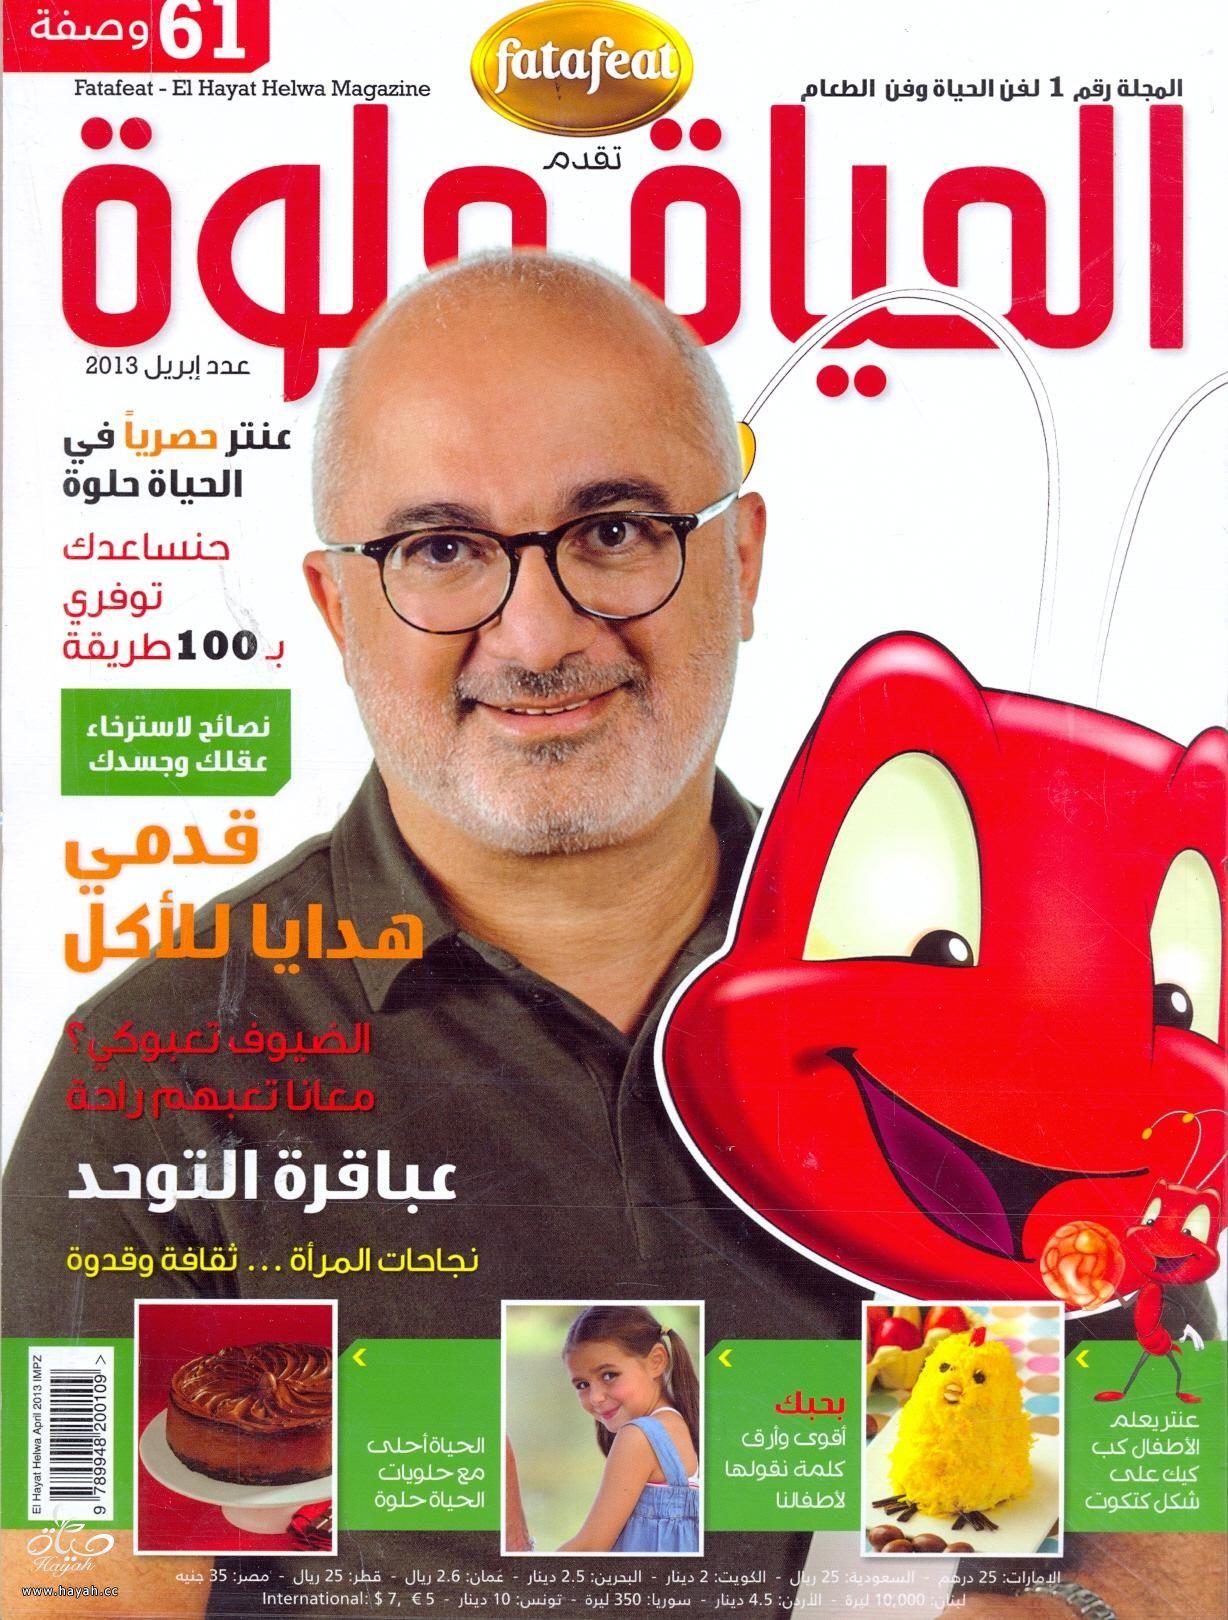 مجلة فتافيت الحياة حلوة 2013 hayahcc_1370359715_535.jpg